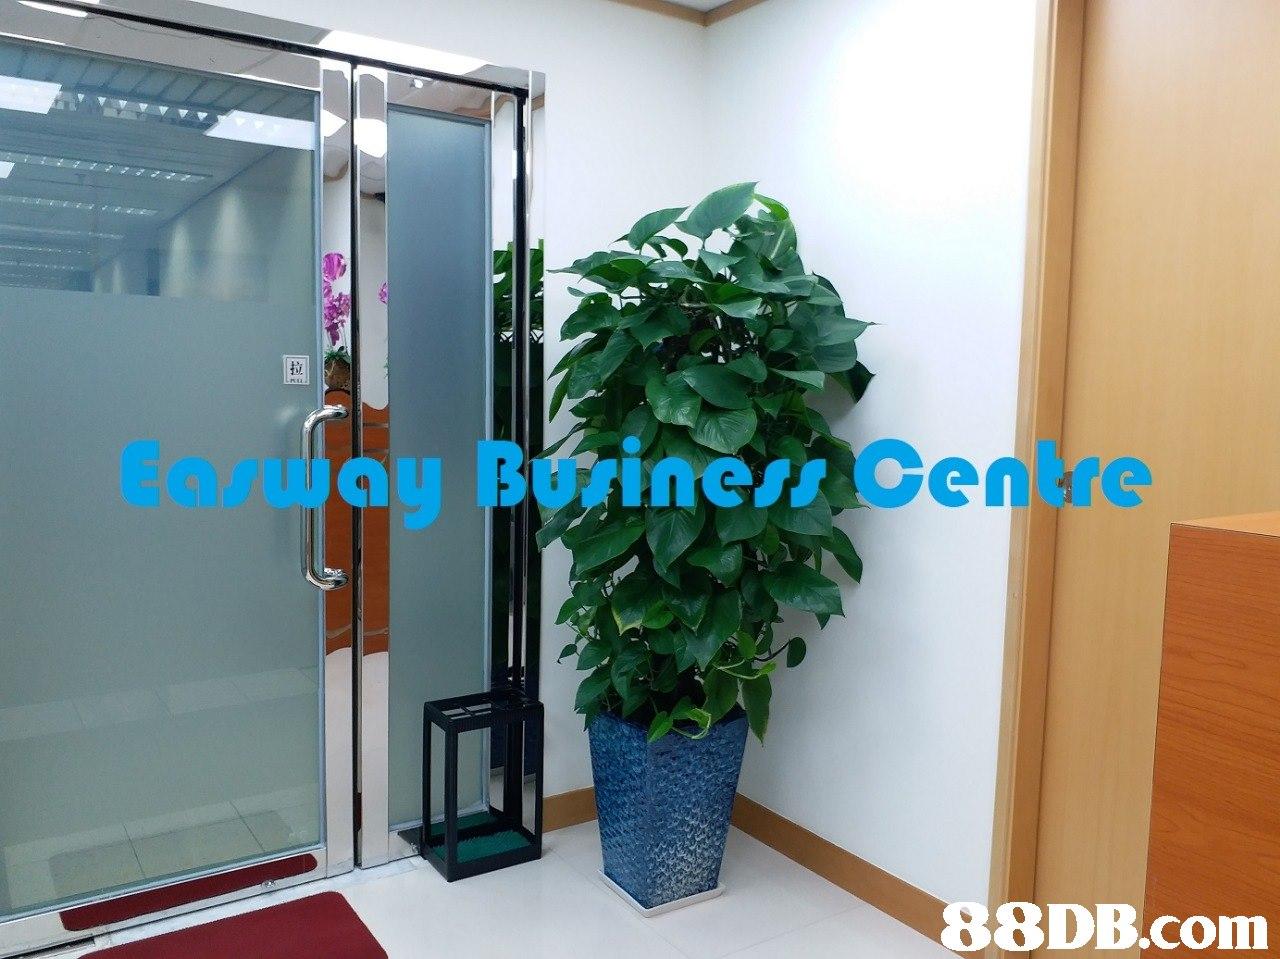 Easway Buriness Centre 8DB.com  glass